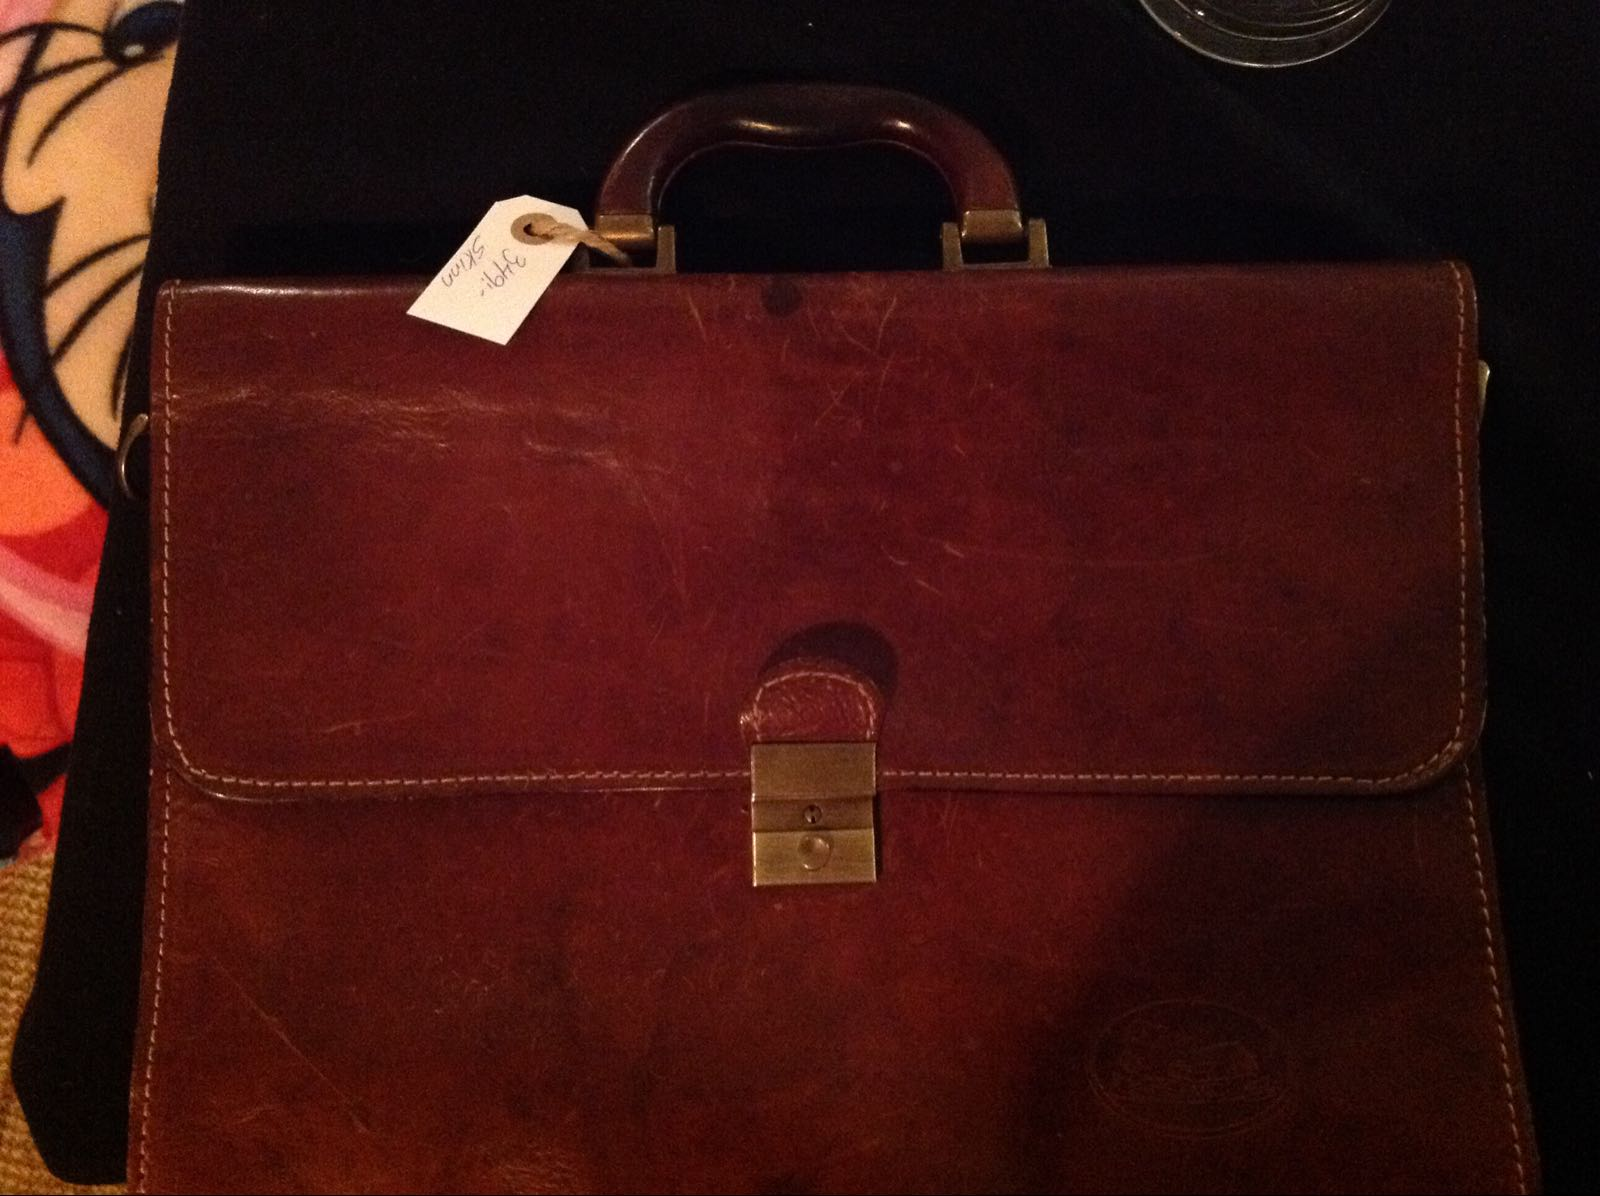 Väska brun portfölj (second hand, vintage, retro)